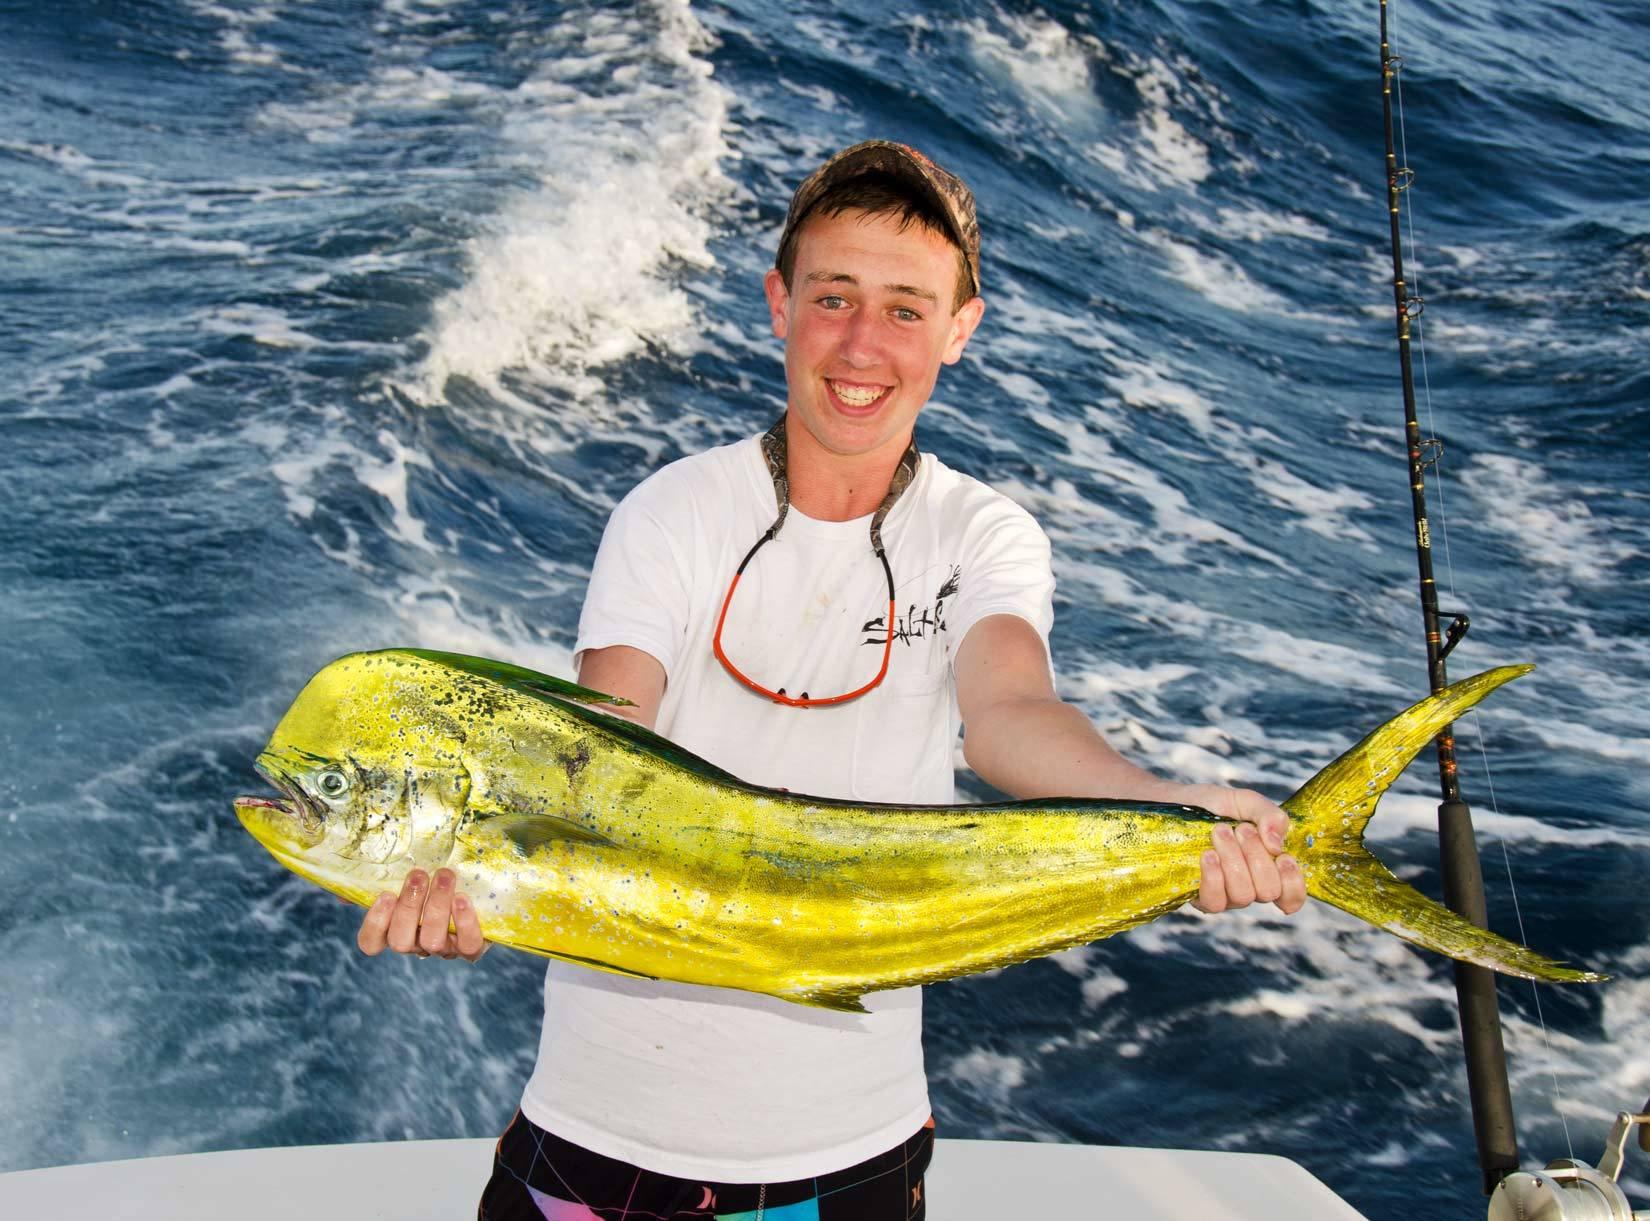 A1a Florida Keys Fishing: capt@floridakeysfishing.com